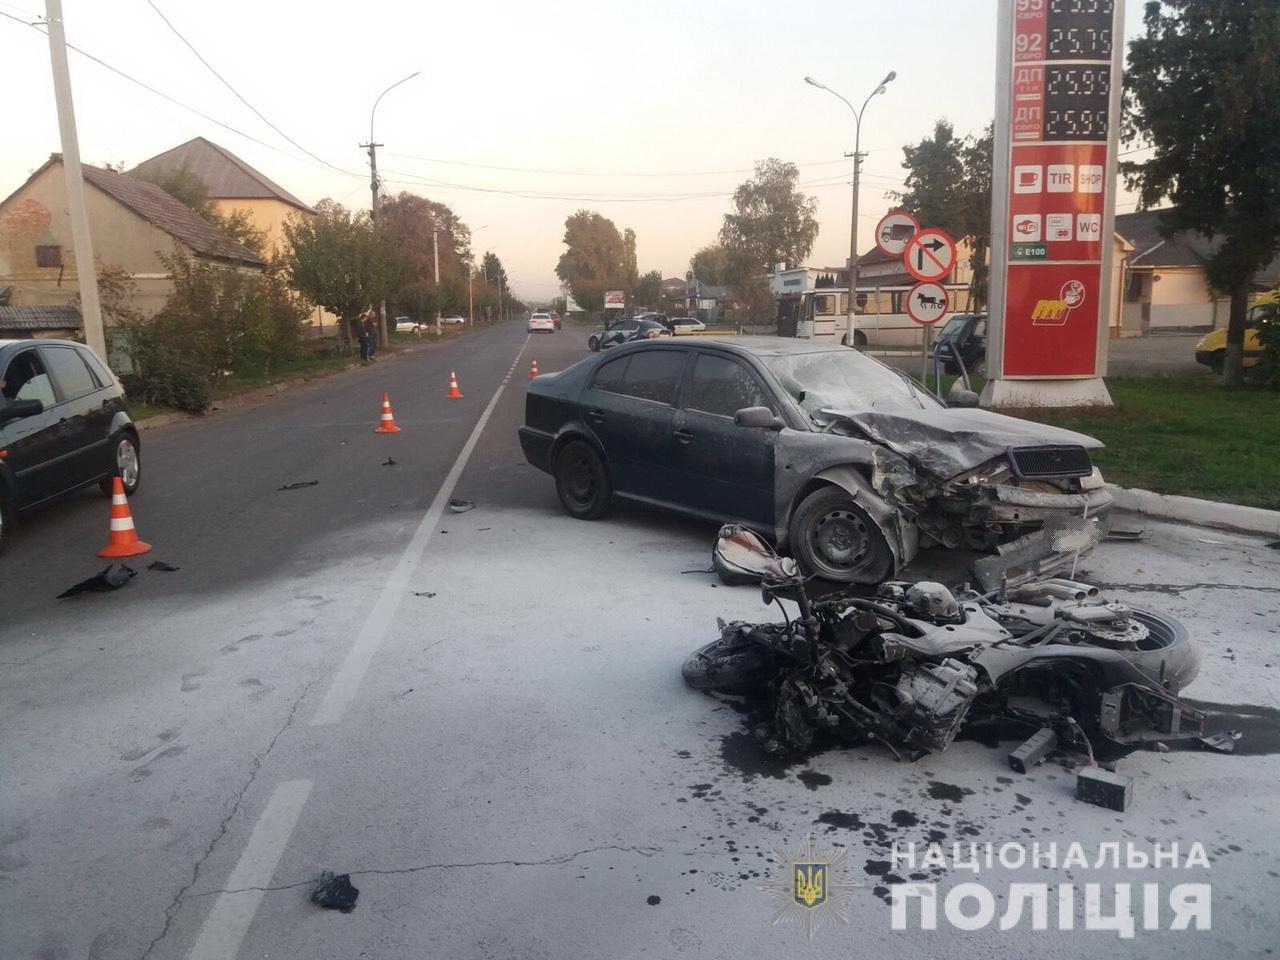 Офіційні подробиці смертельного зіткнення «Skoda Octavia» з мотоциклом у Мукачеві, фото-1